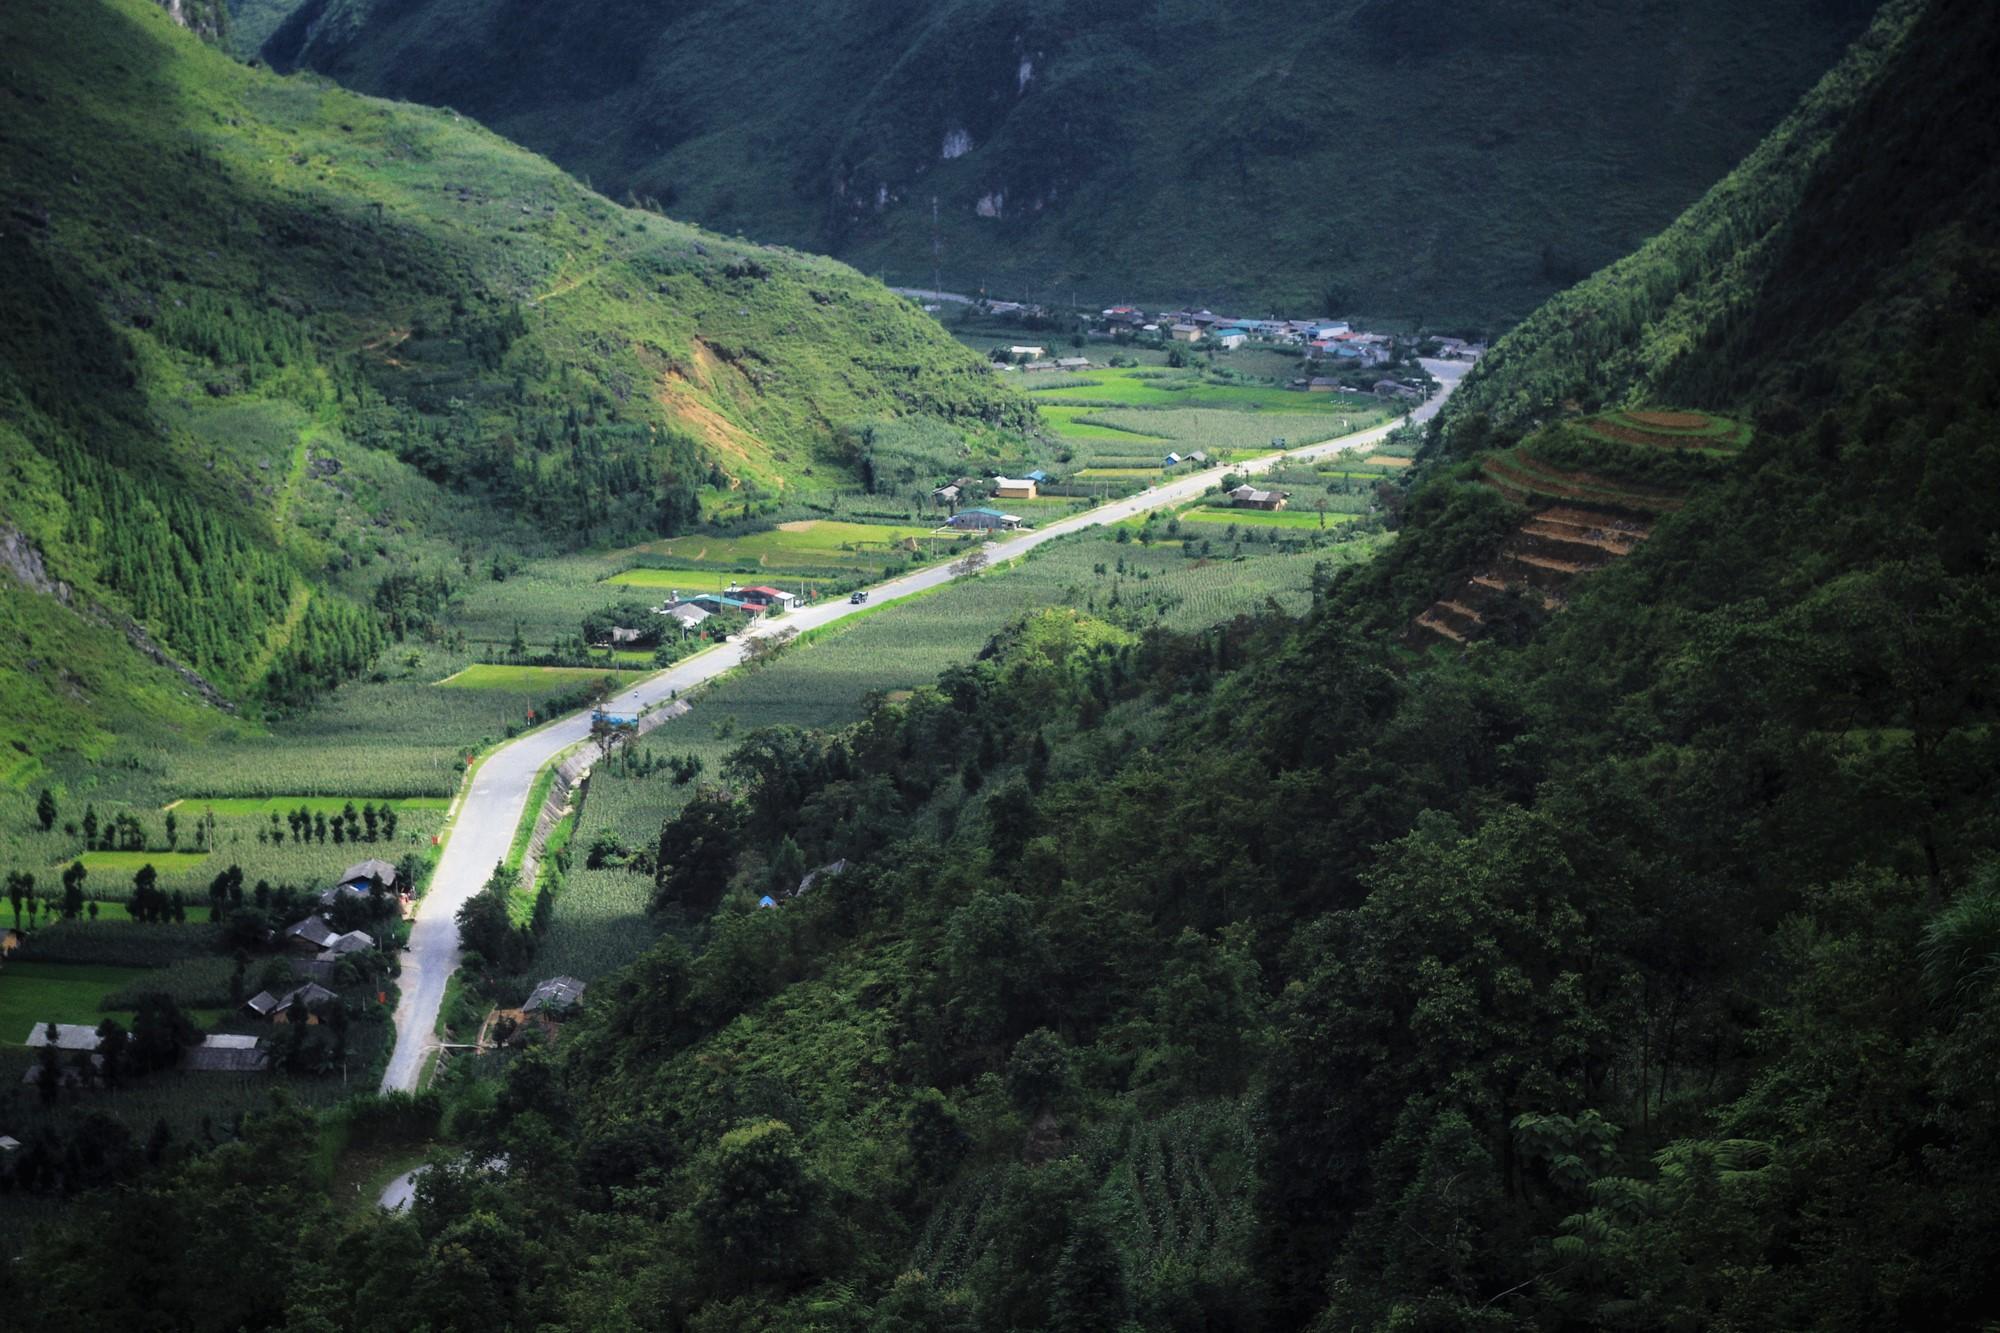 Mùa ngô xanh mướt trên cao nguyên đá Đồng Văn - 4